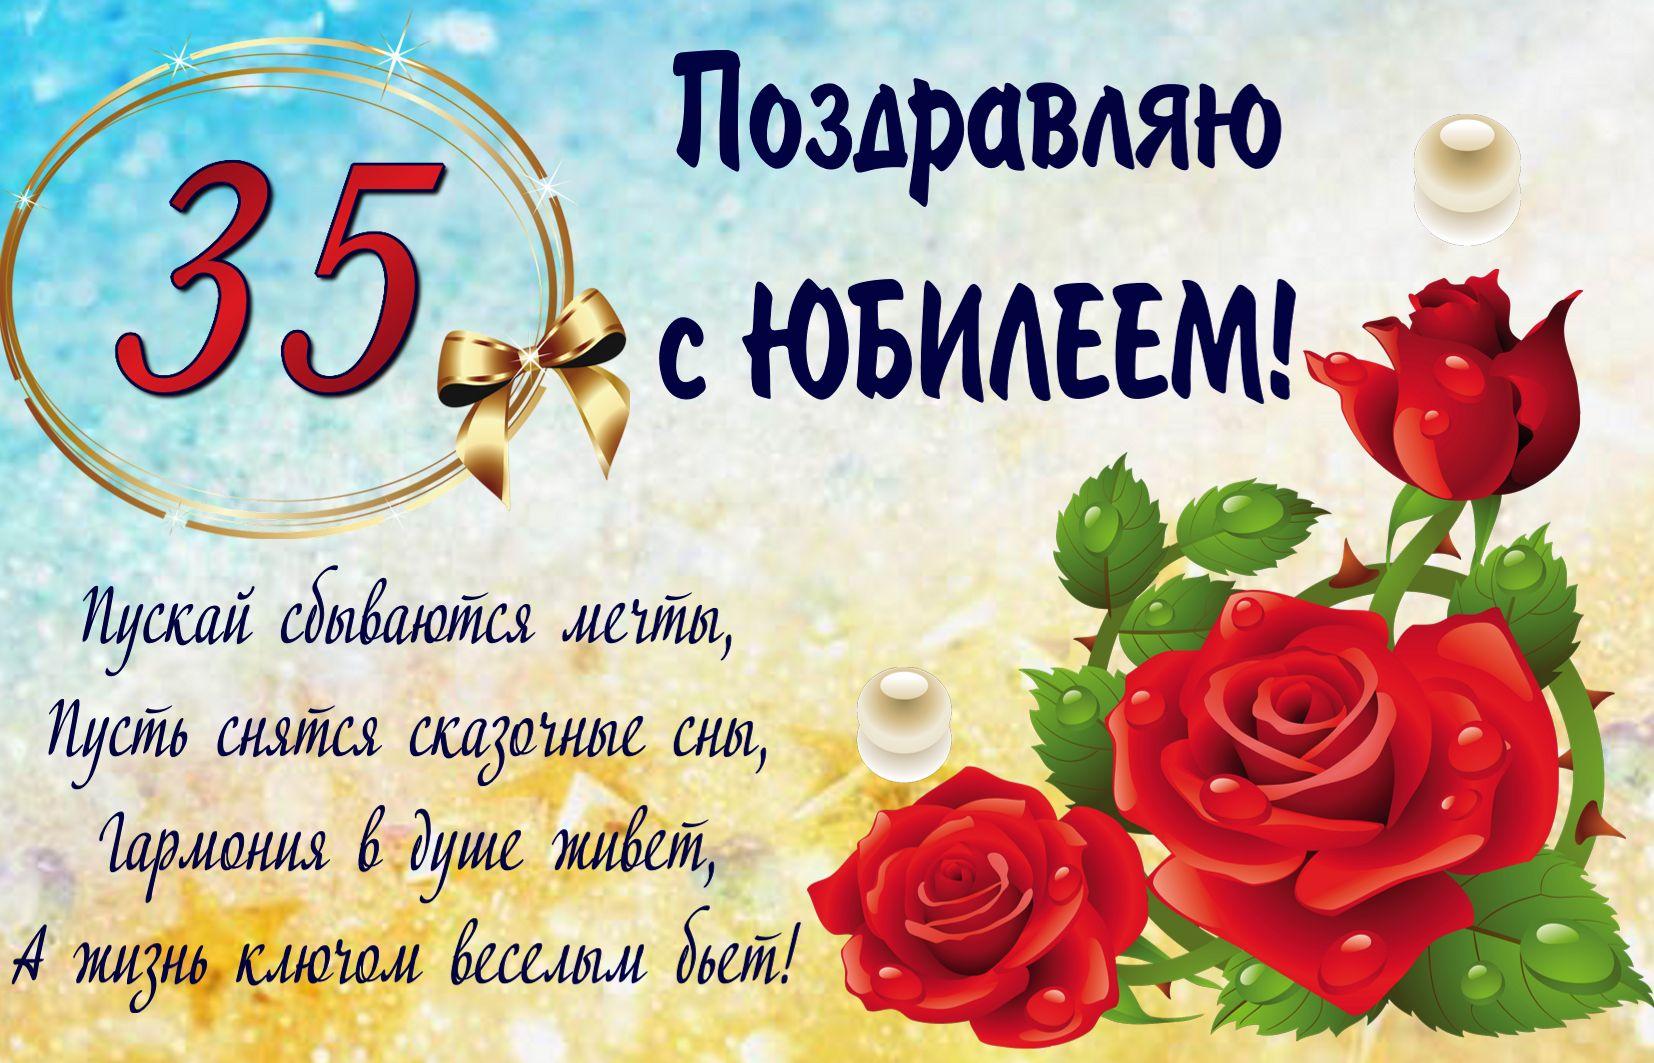 Пожелание на 35 День рождения с красивой розой